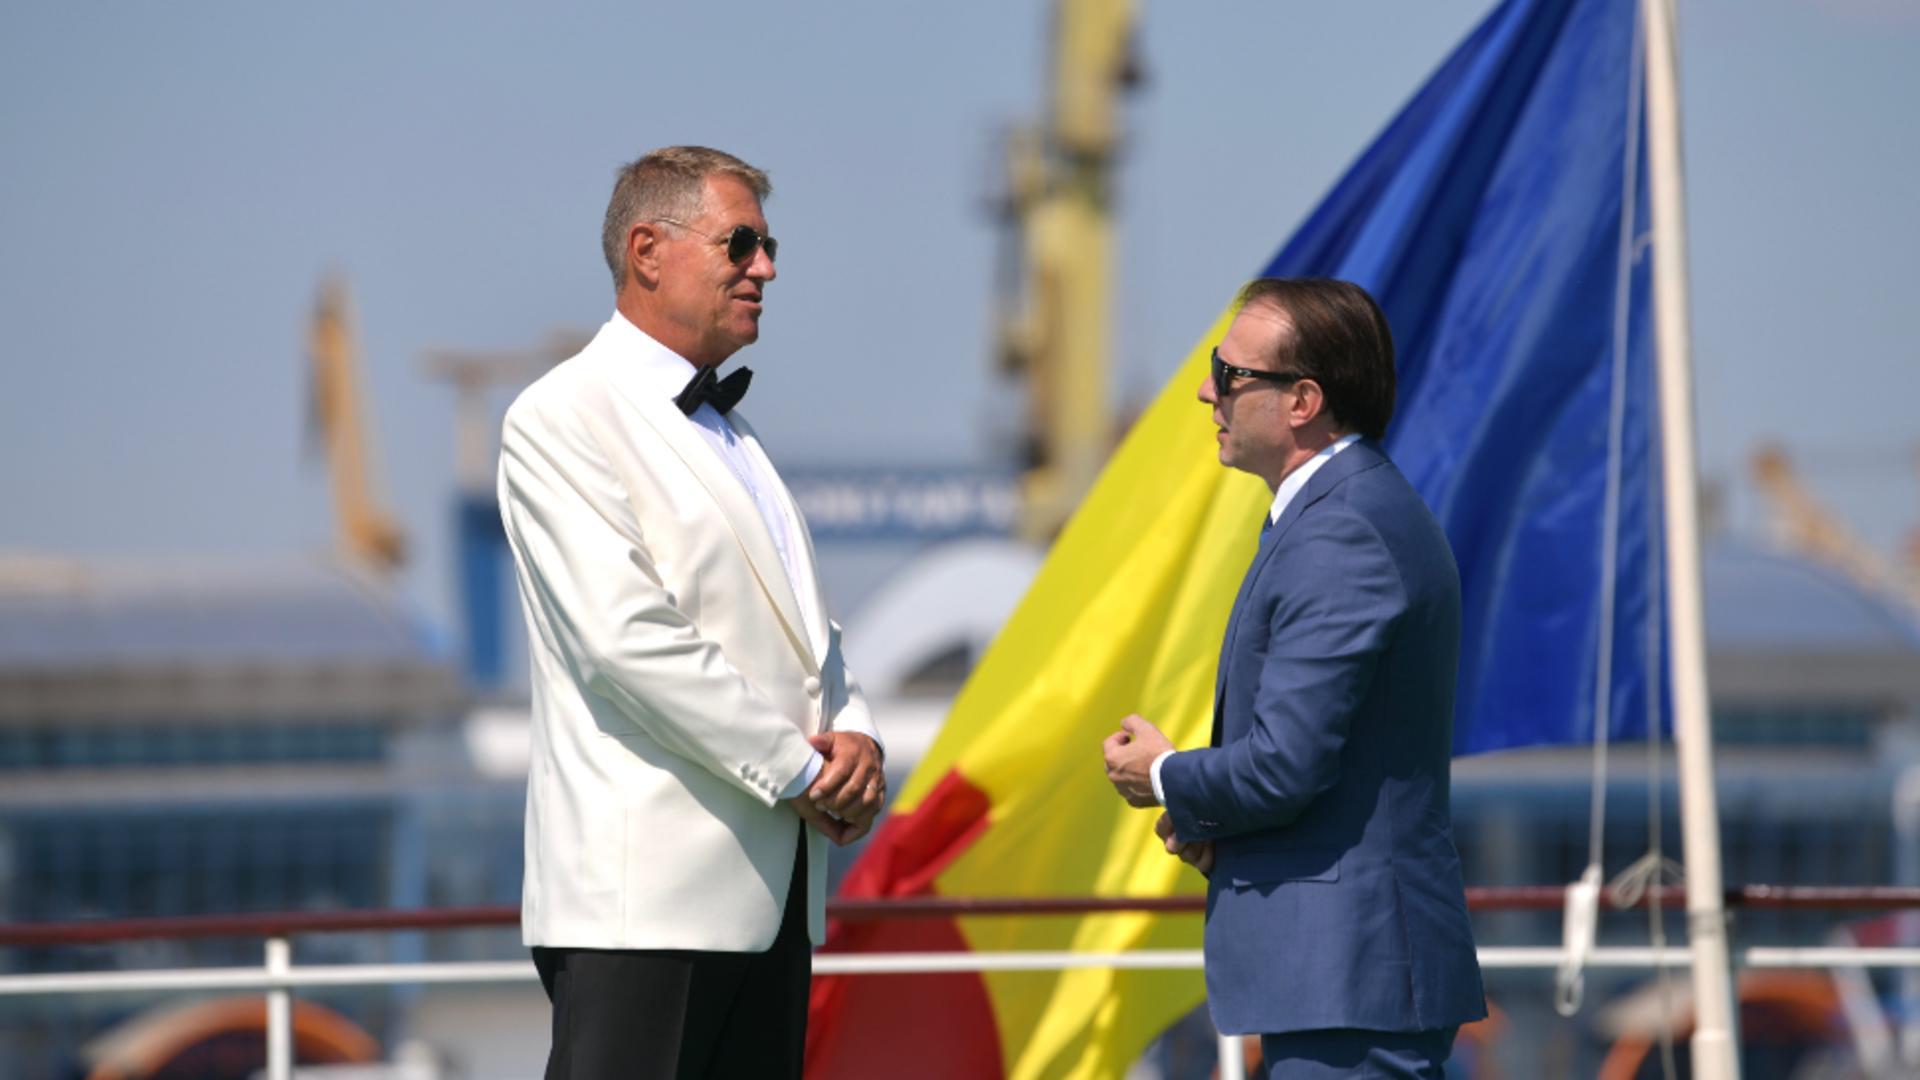 Nici Iohannis și nici PNL nu vor alegeri anticipate. Foto/Inquam